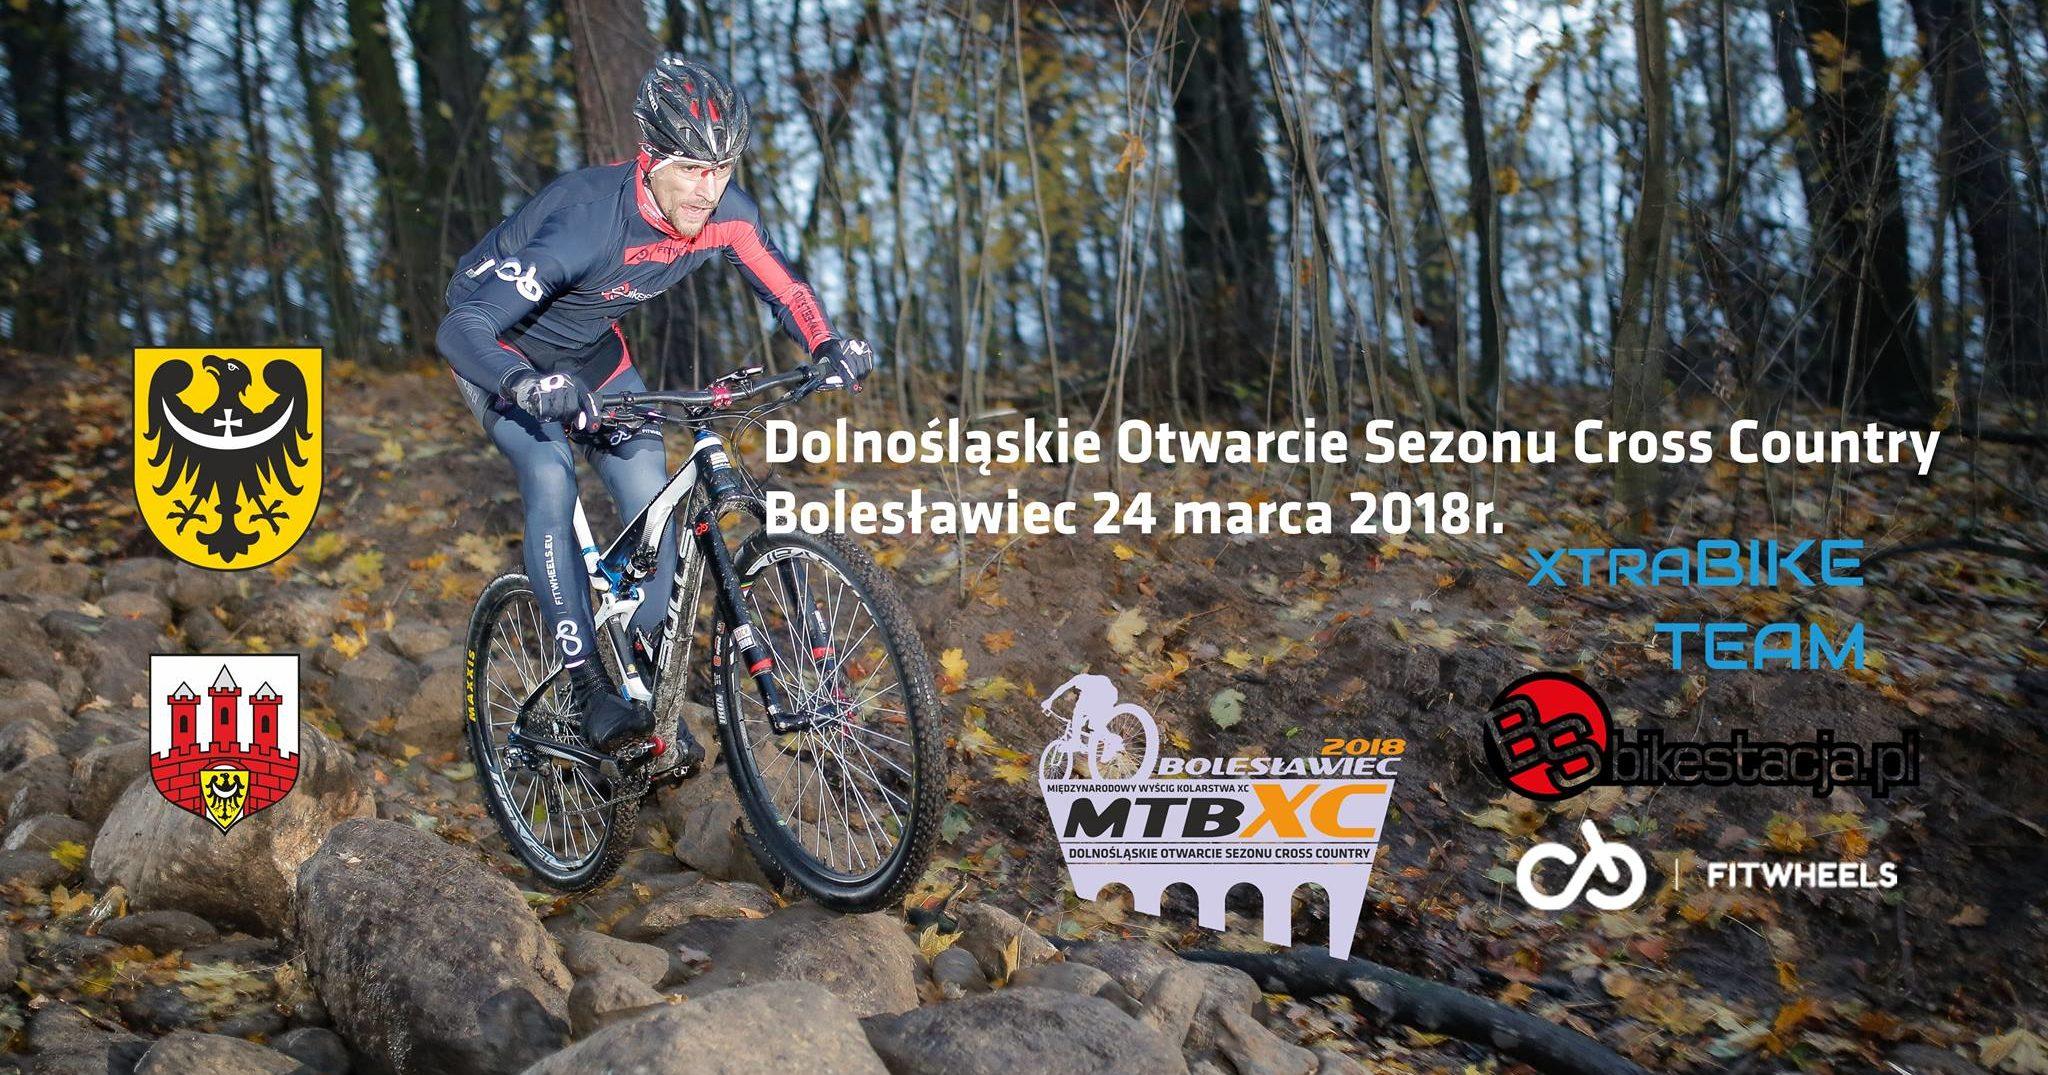 Bolesławiec XC – otwarcie sezonu cross-country już 24 marca